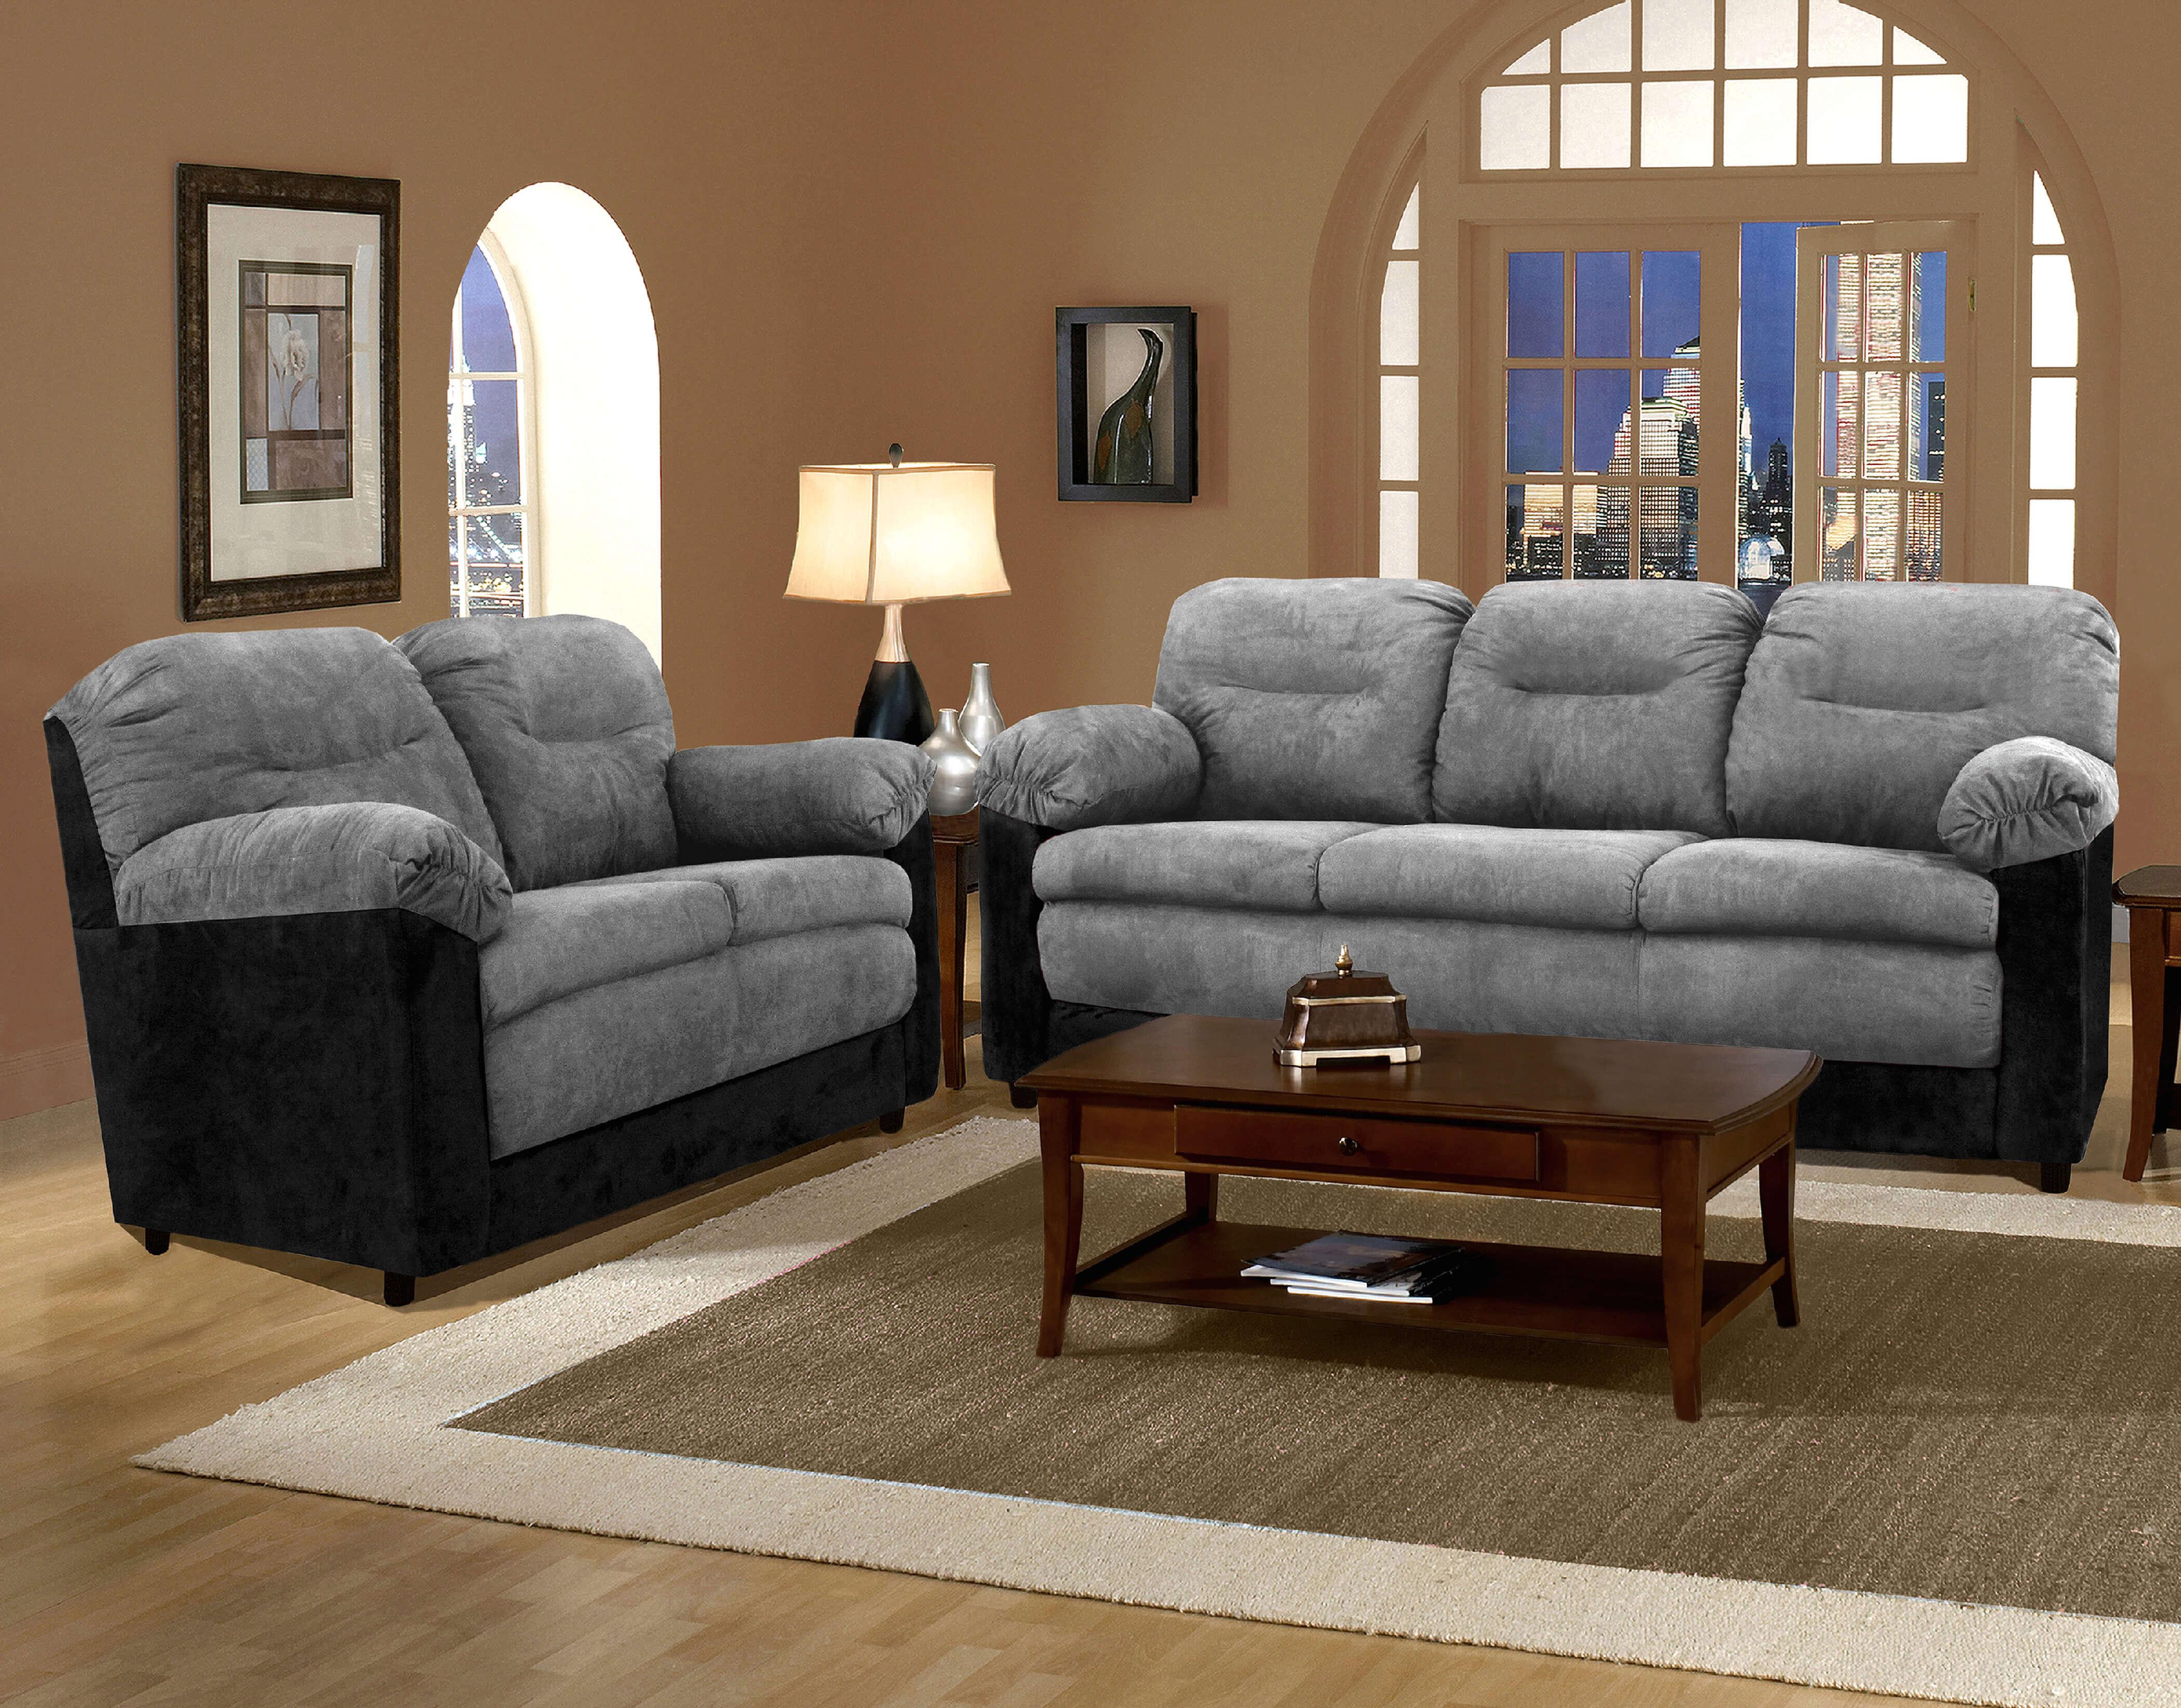 Bulldozer Graphite Black Sofa And